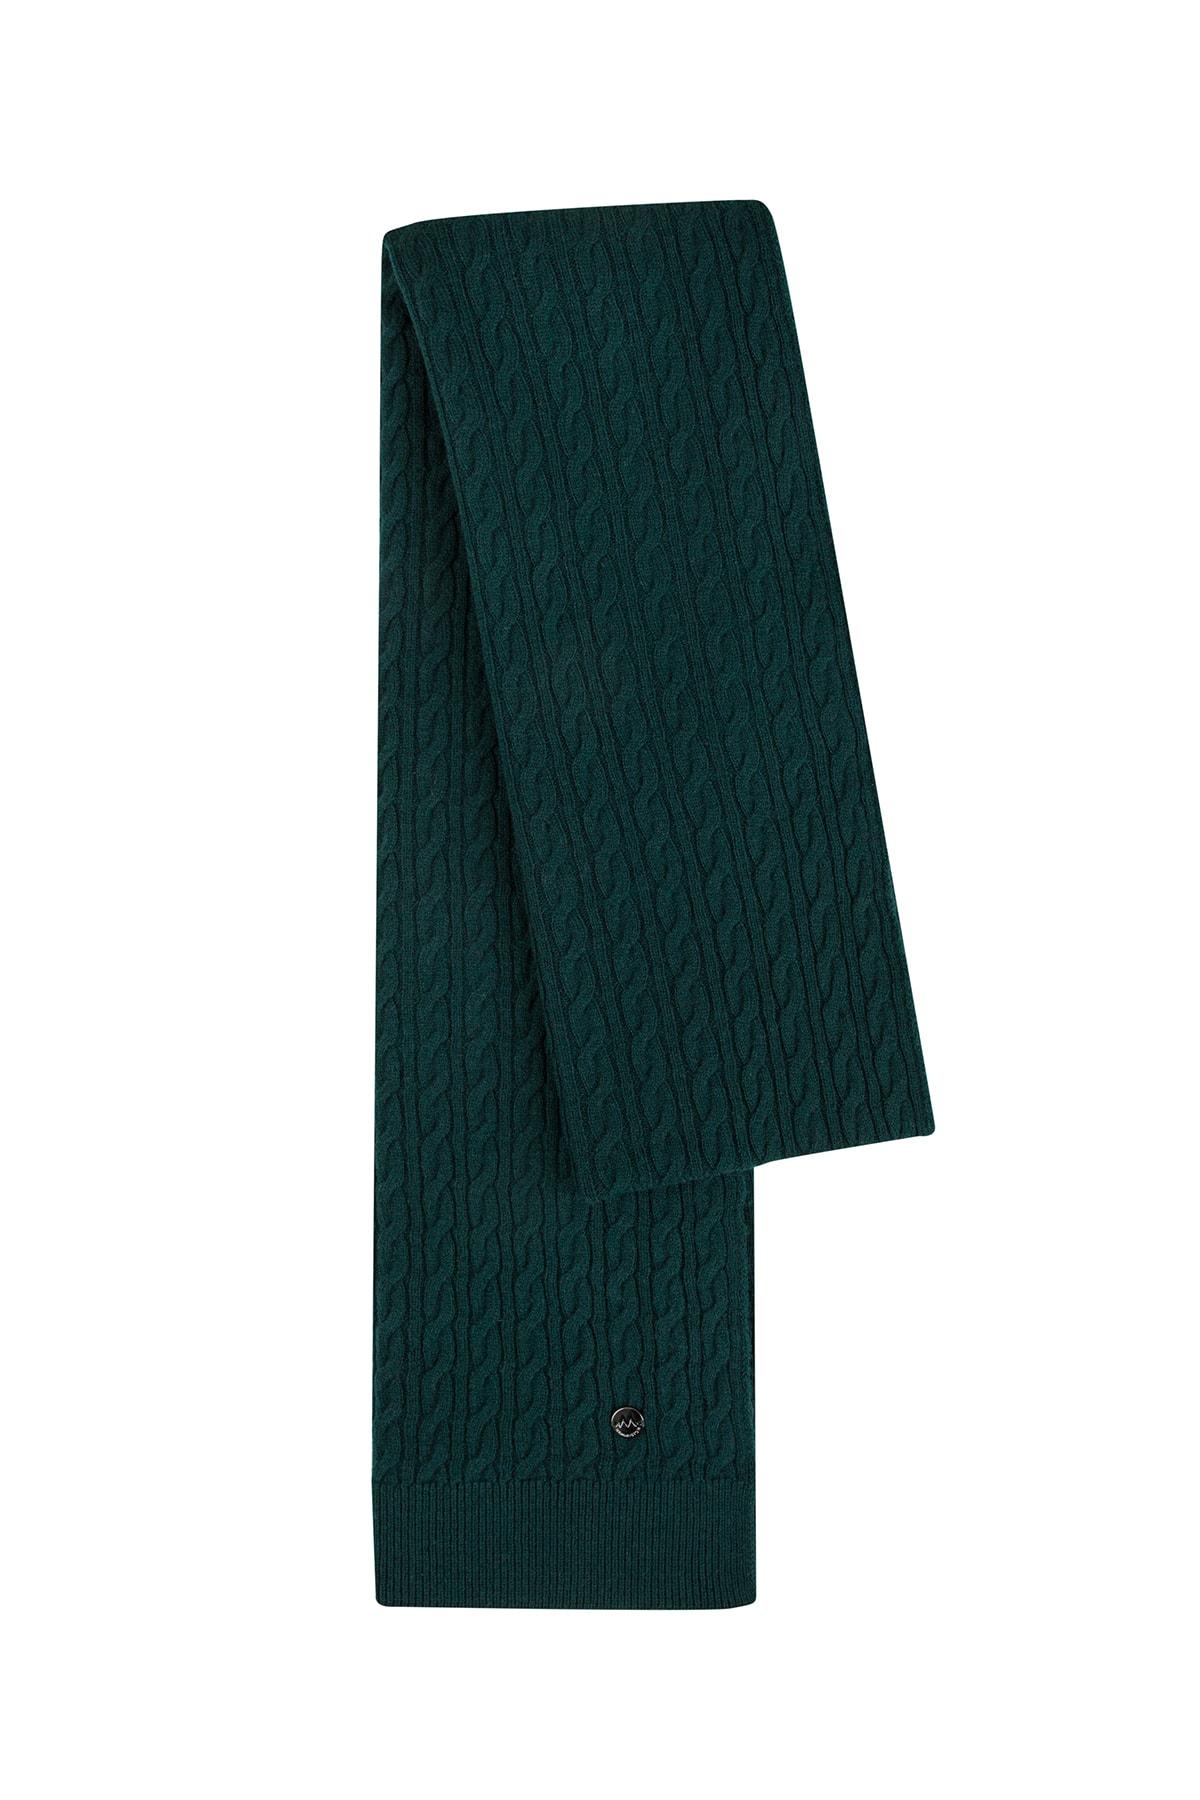 Hemington Lambswool Yün Koyu Yeşil Atkı 1